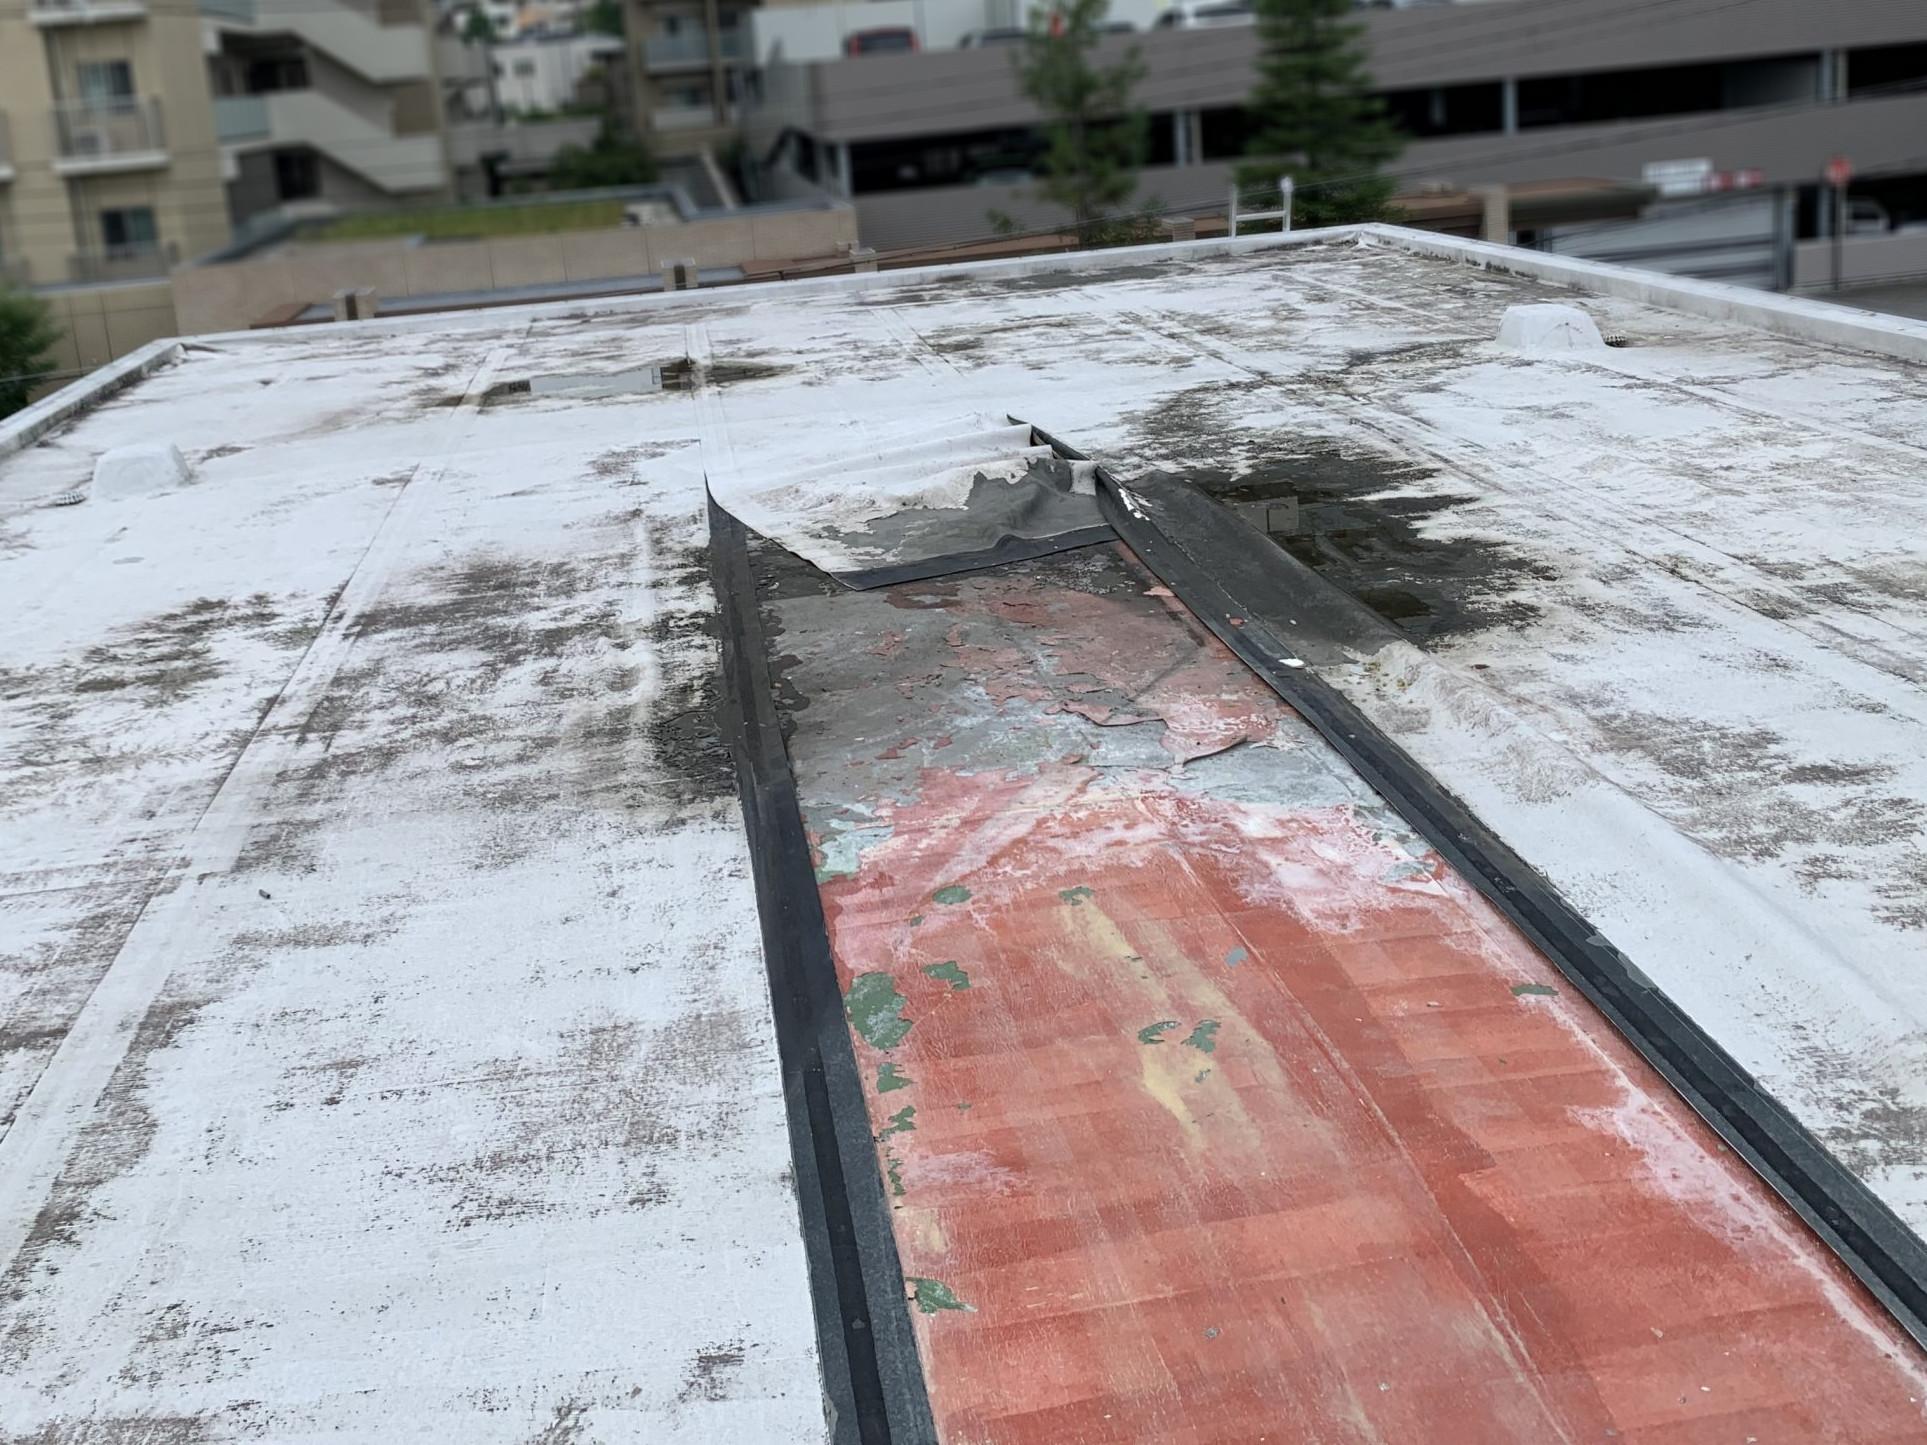 雨水が溜まった屋上屋根